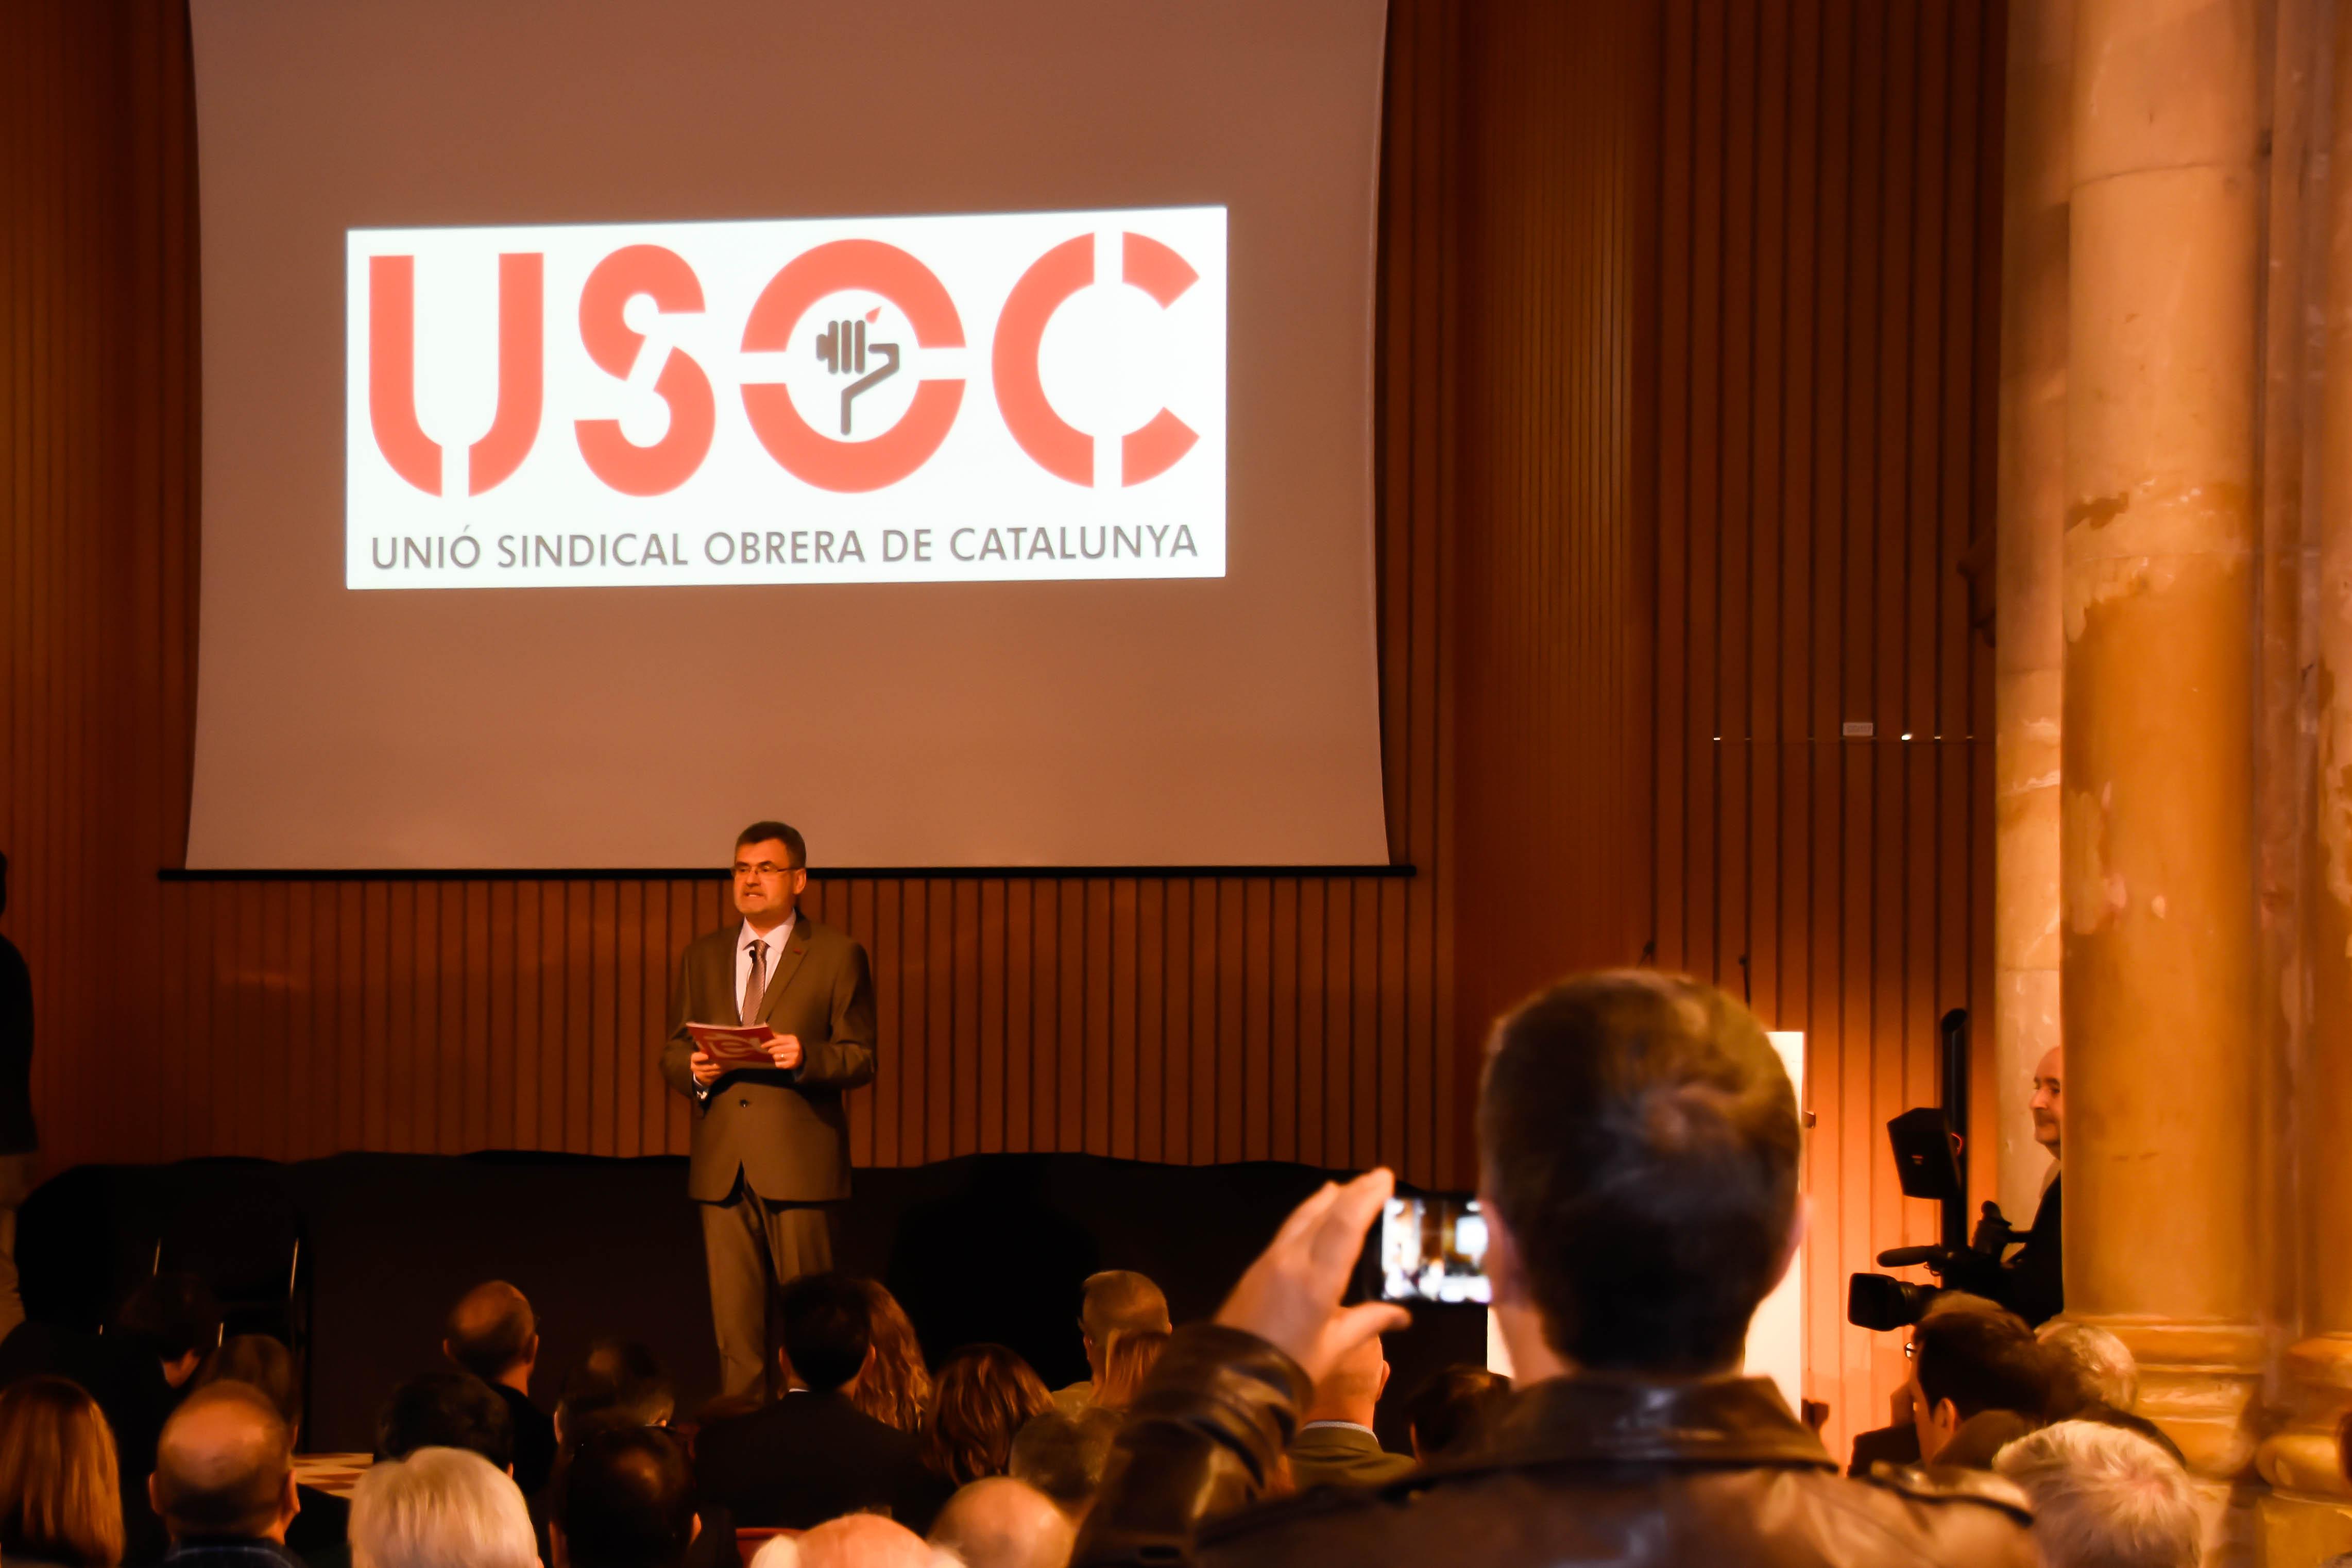 Foto 50è aniversari de la USOC